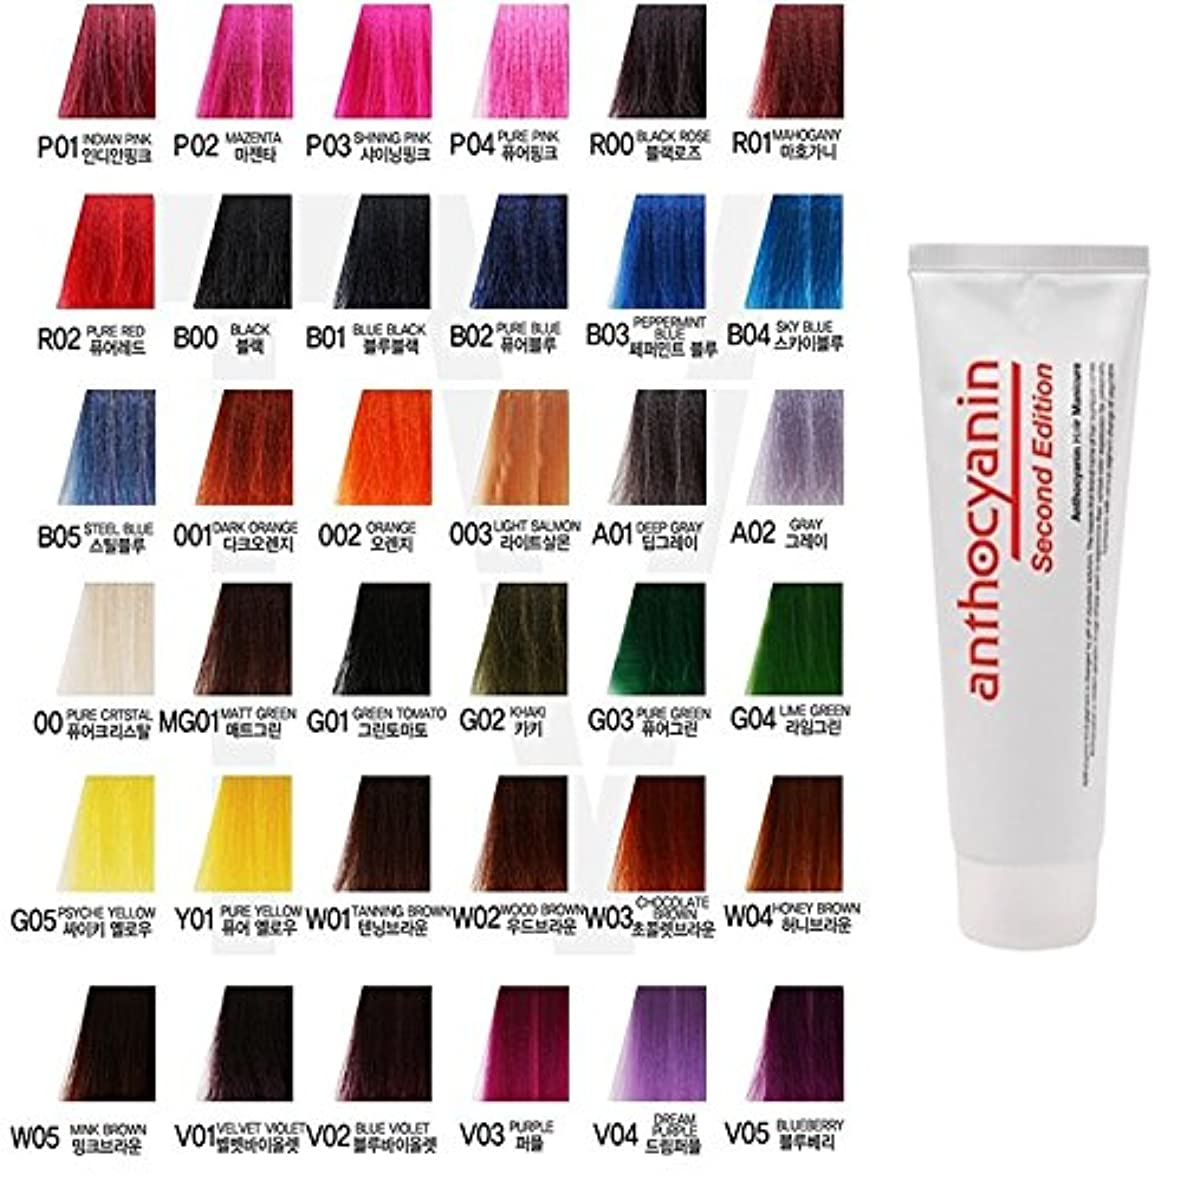 修正なに凍るヘア マニキュア カラー セカンド エディション 230g セミ パーマネント 染毛剤 ( Hair Manicure Color Second Edition 230g Semi Permanent Hair Dye) [並行輸入品] (A01 Deep Gray)